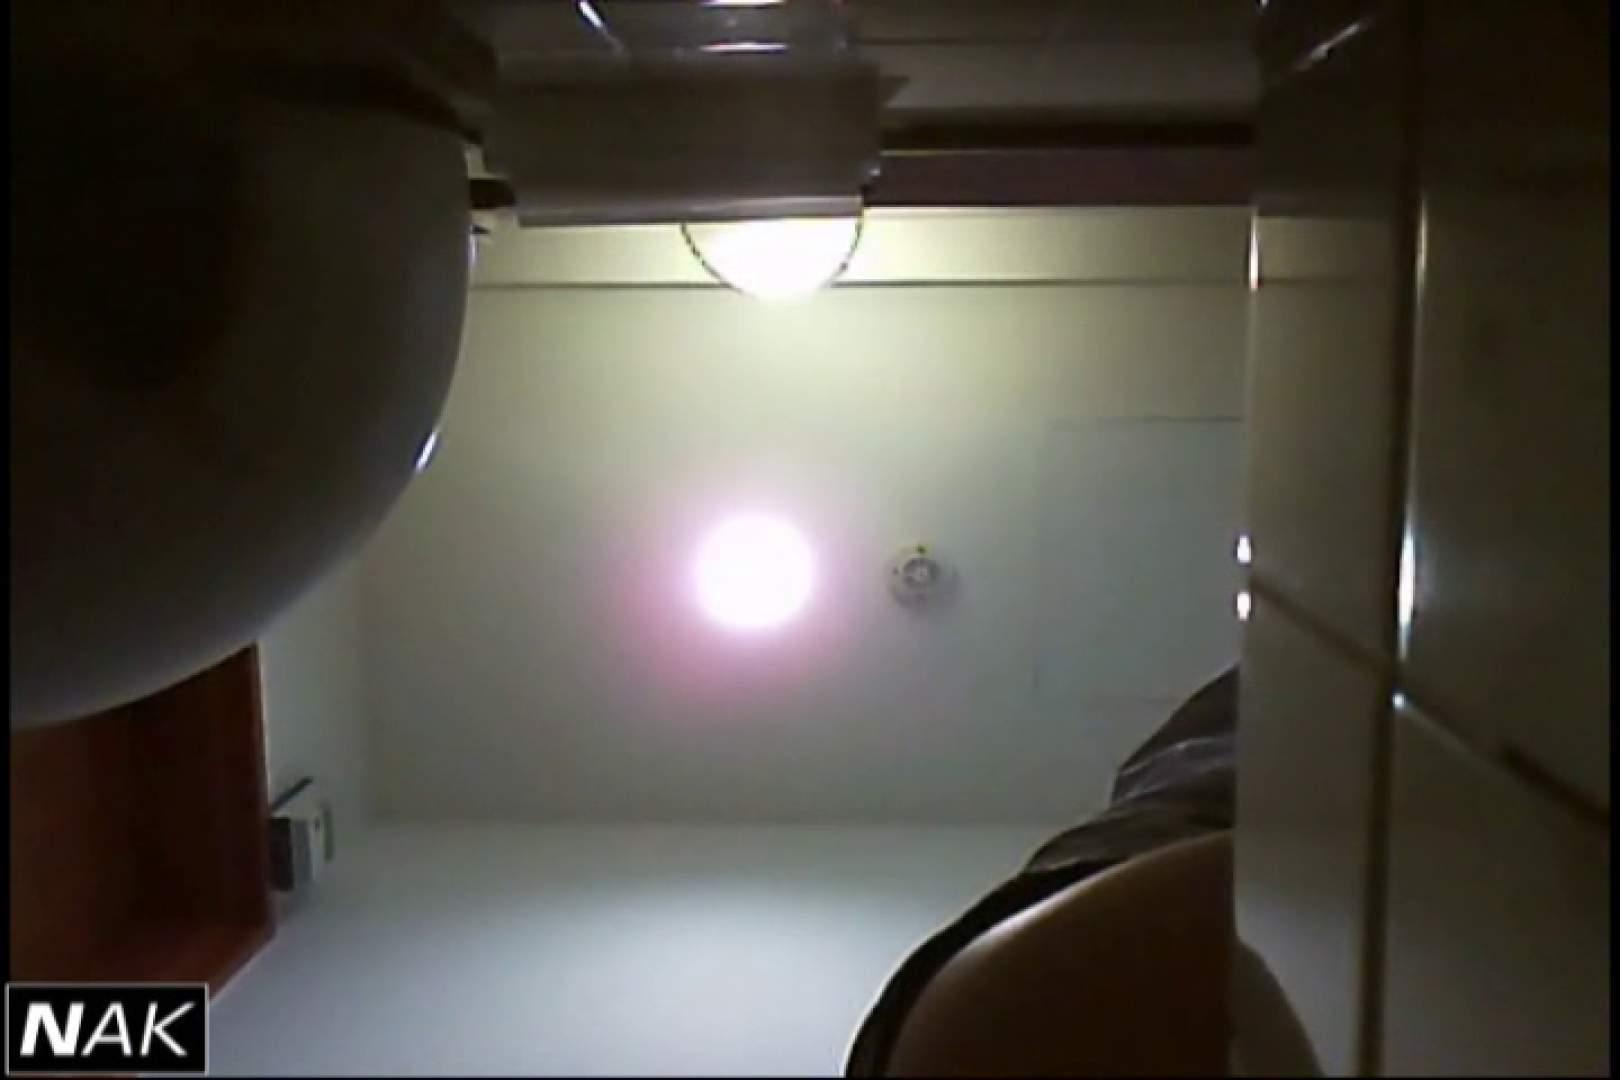 亀さんかわや VIP和式2カメバージョン! vol.14 オマンコ | 黄金水  58pic 20